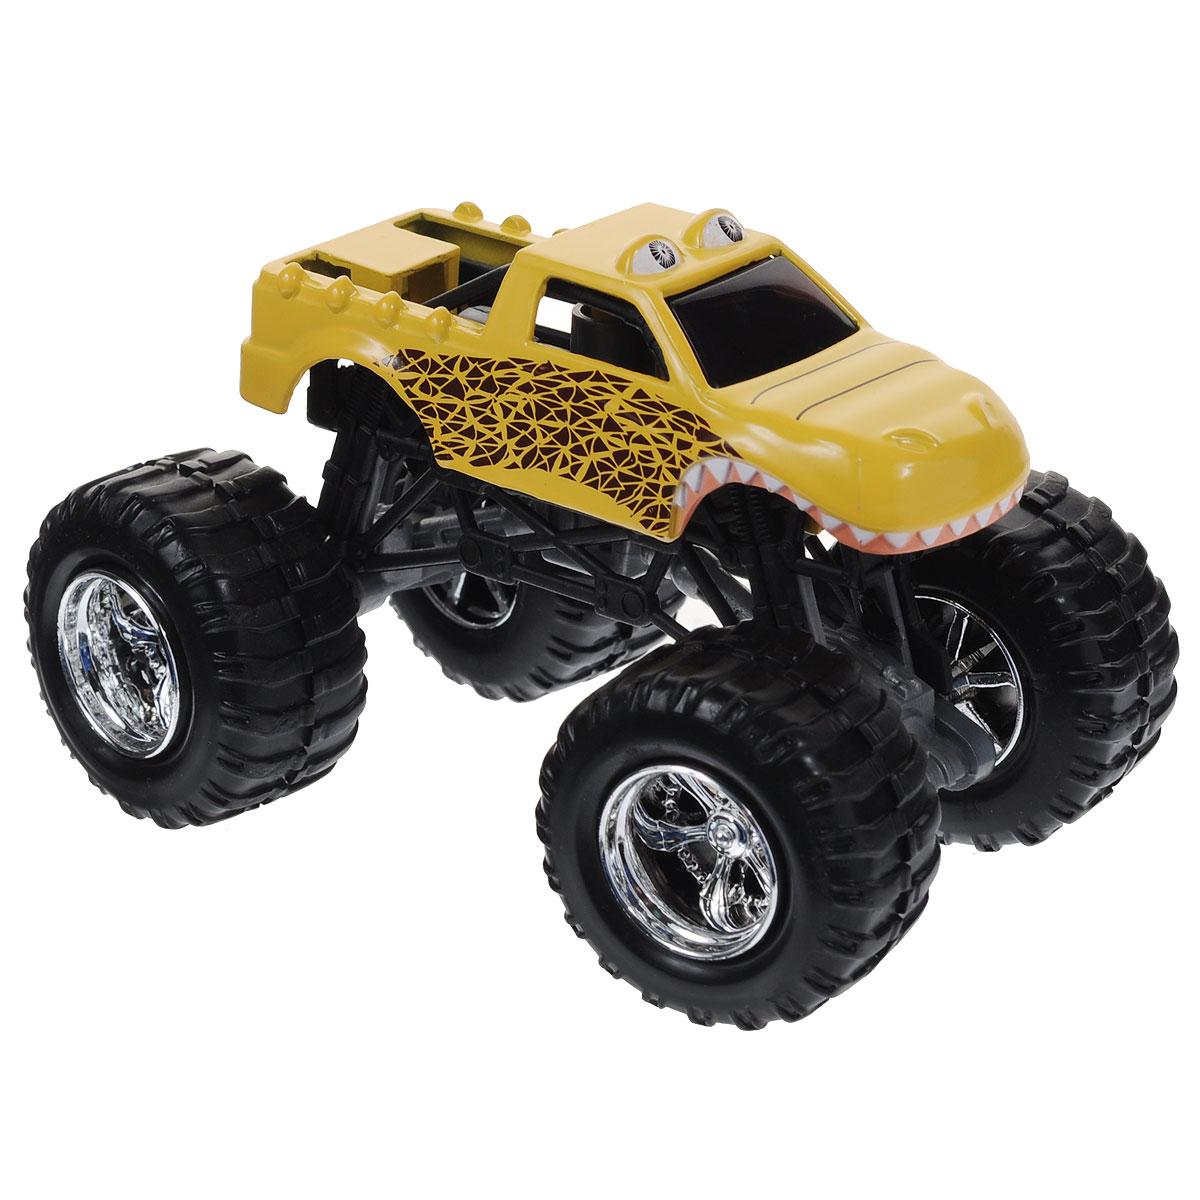 Купить Машинка MotorMax Багги , цвет: желтый, MOTORMAX TOY FACTORY, Машинки